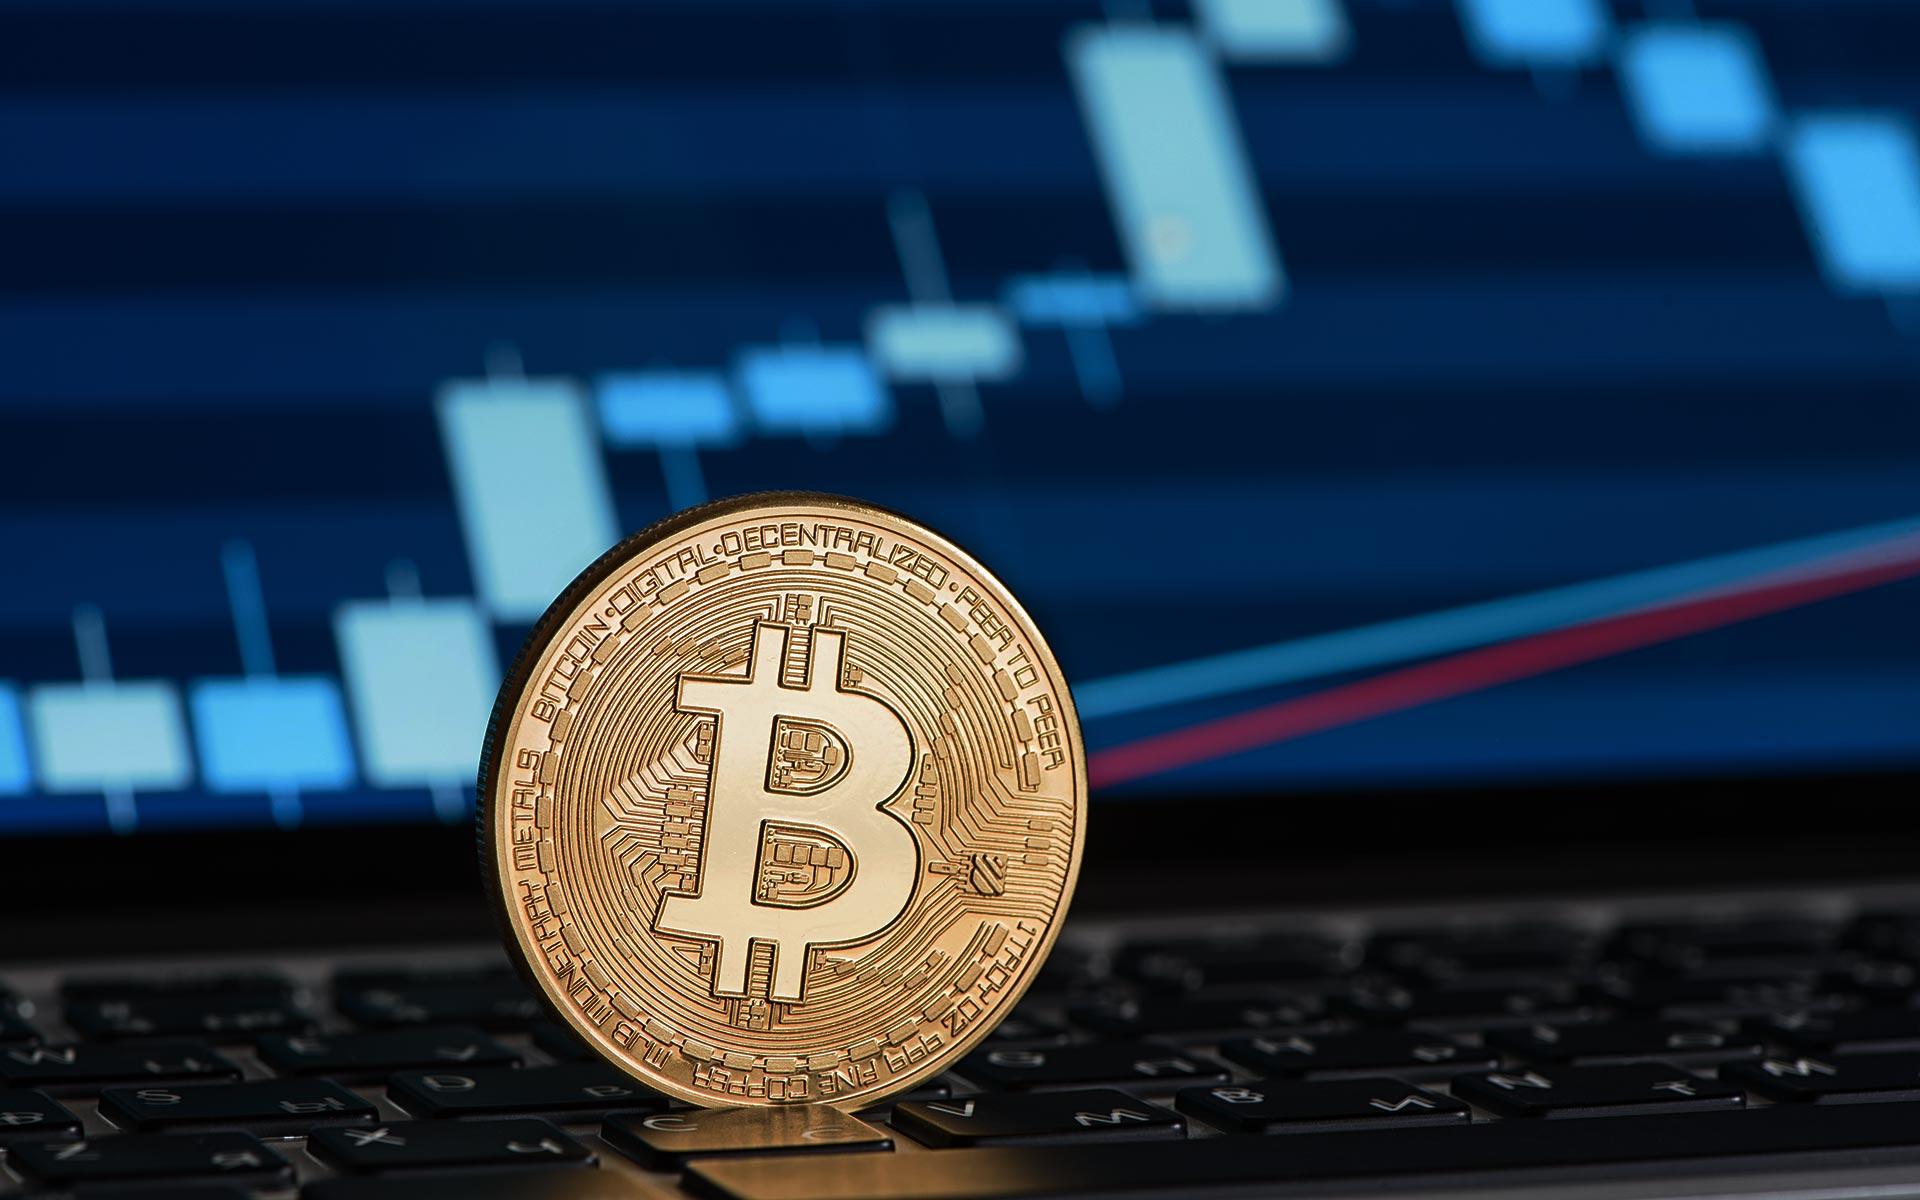 времени криптовалюты реальном в цена график-11